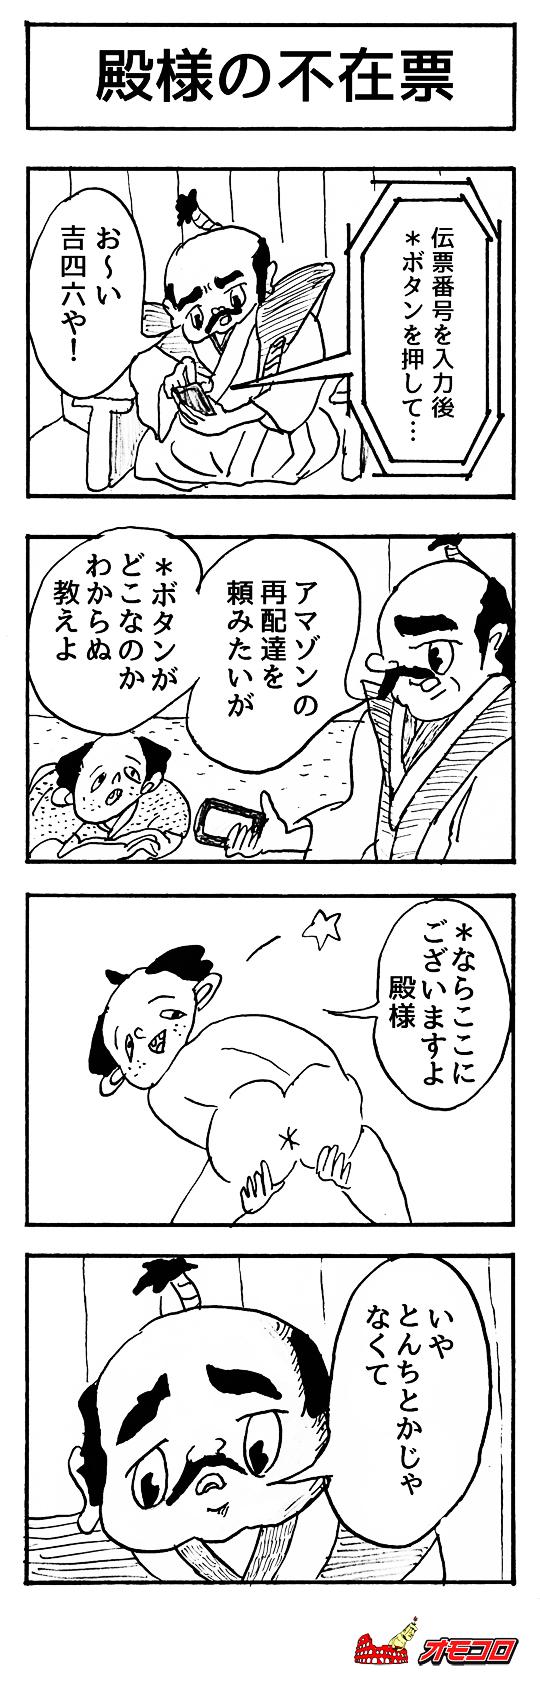 【4コマ漫画】殿様の不在票